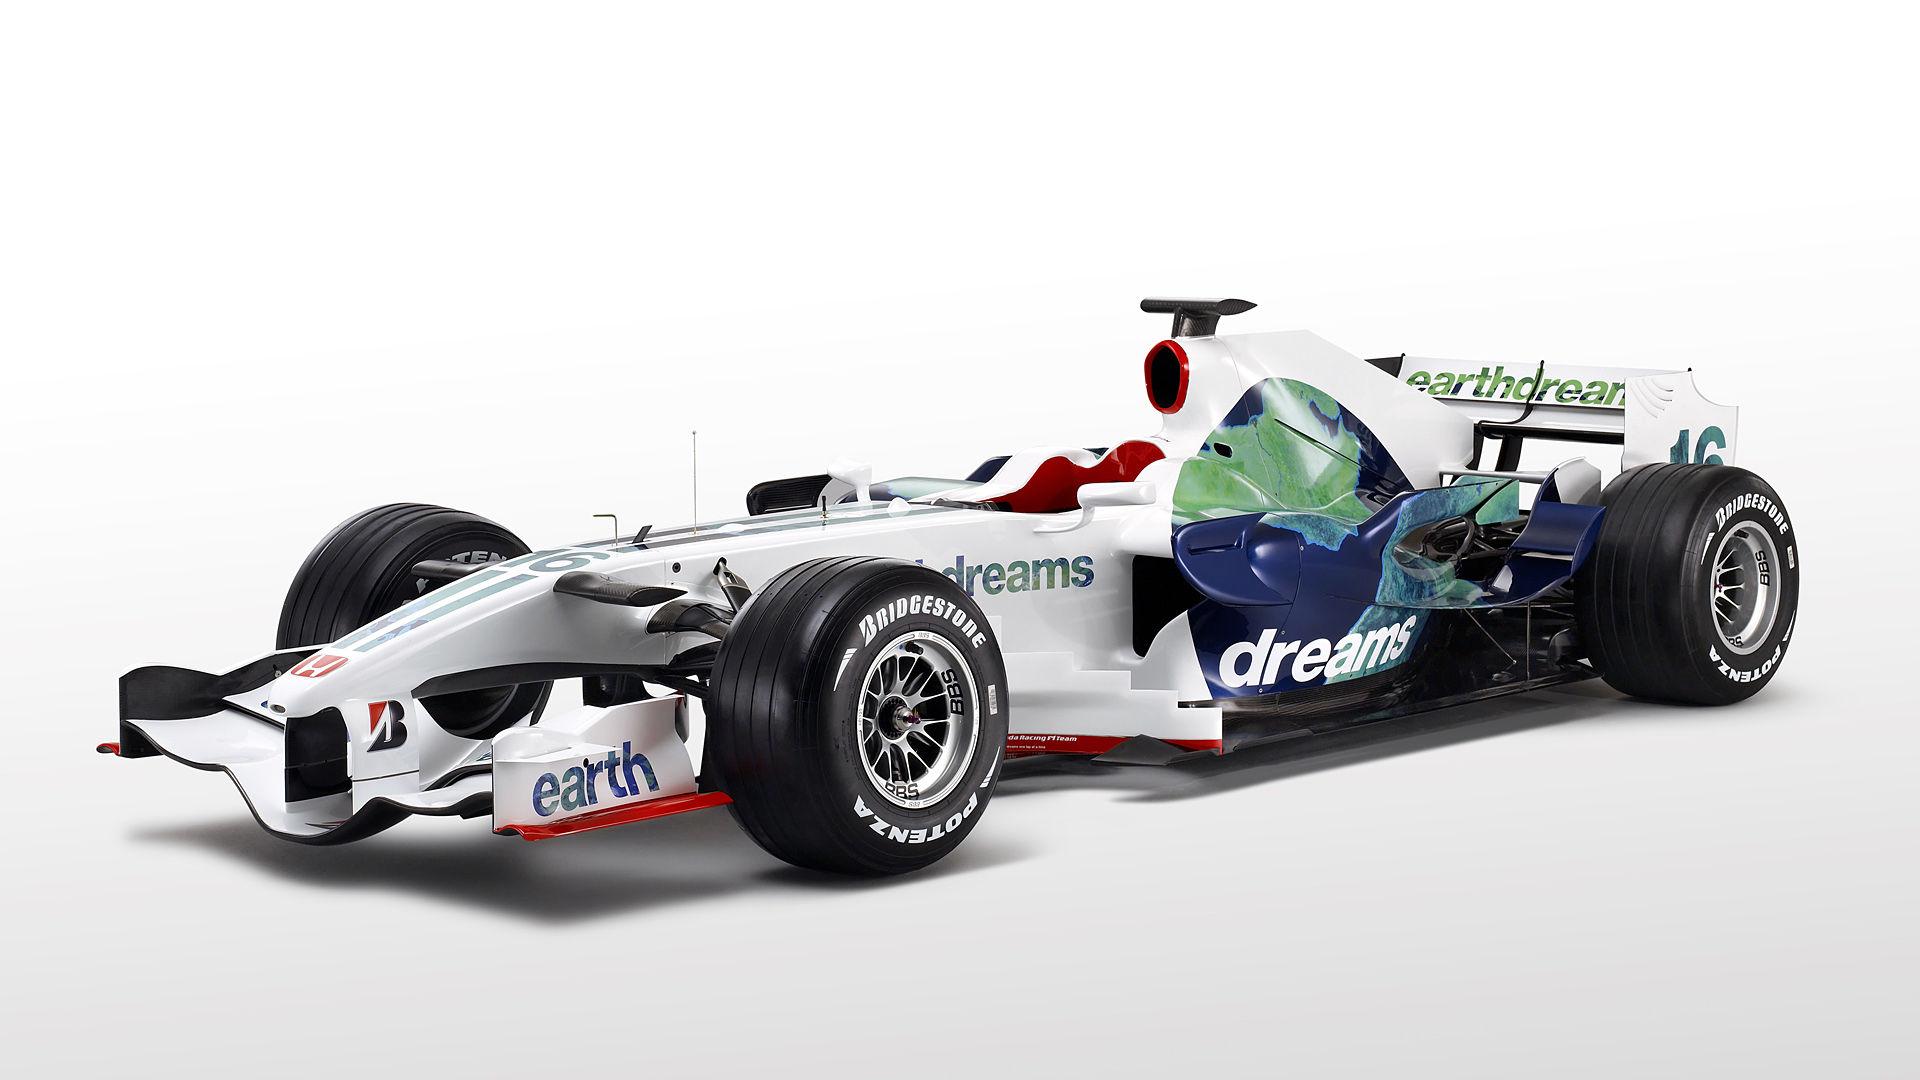 2008 Honda RA108